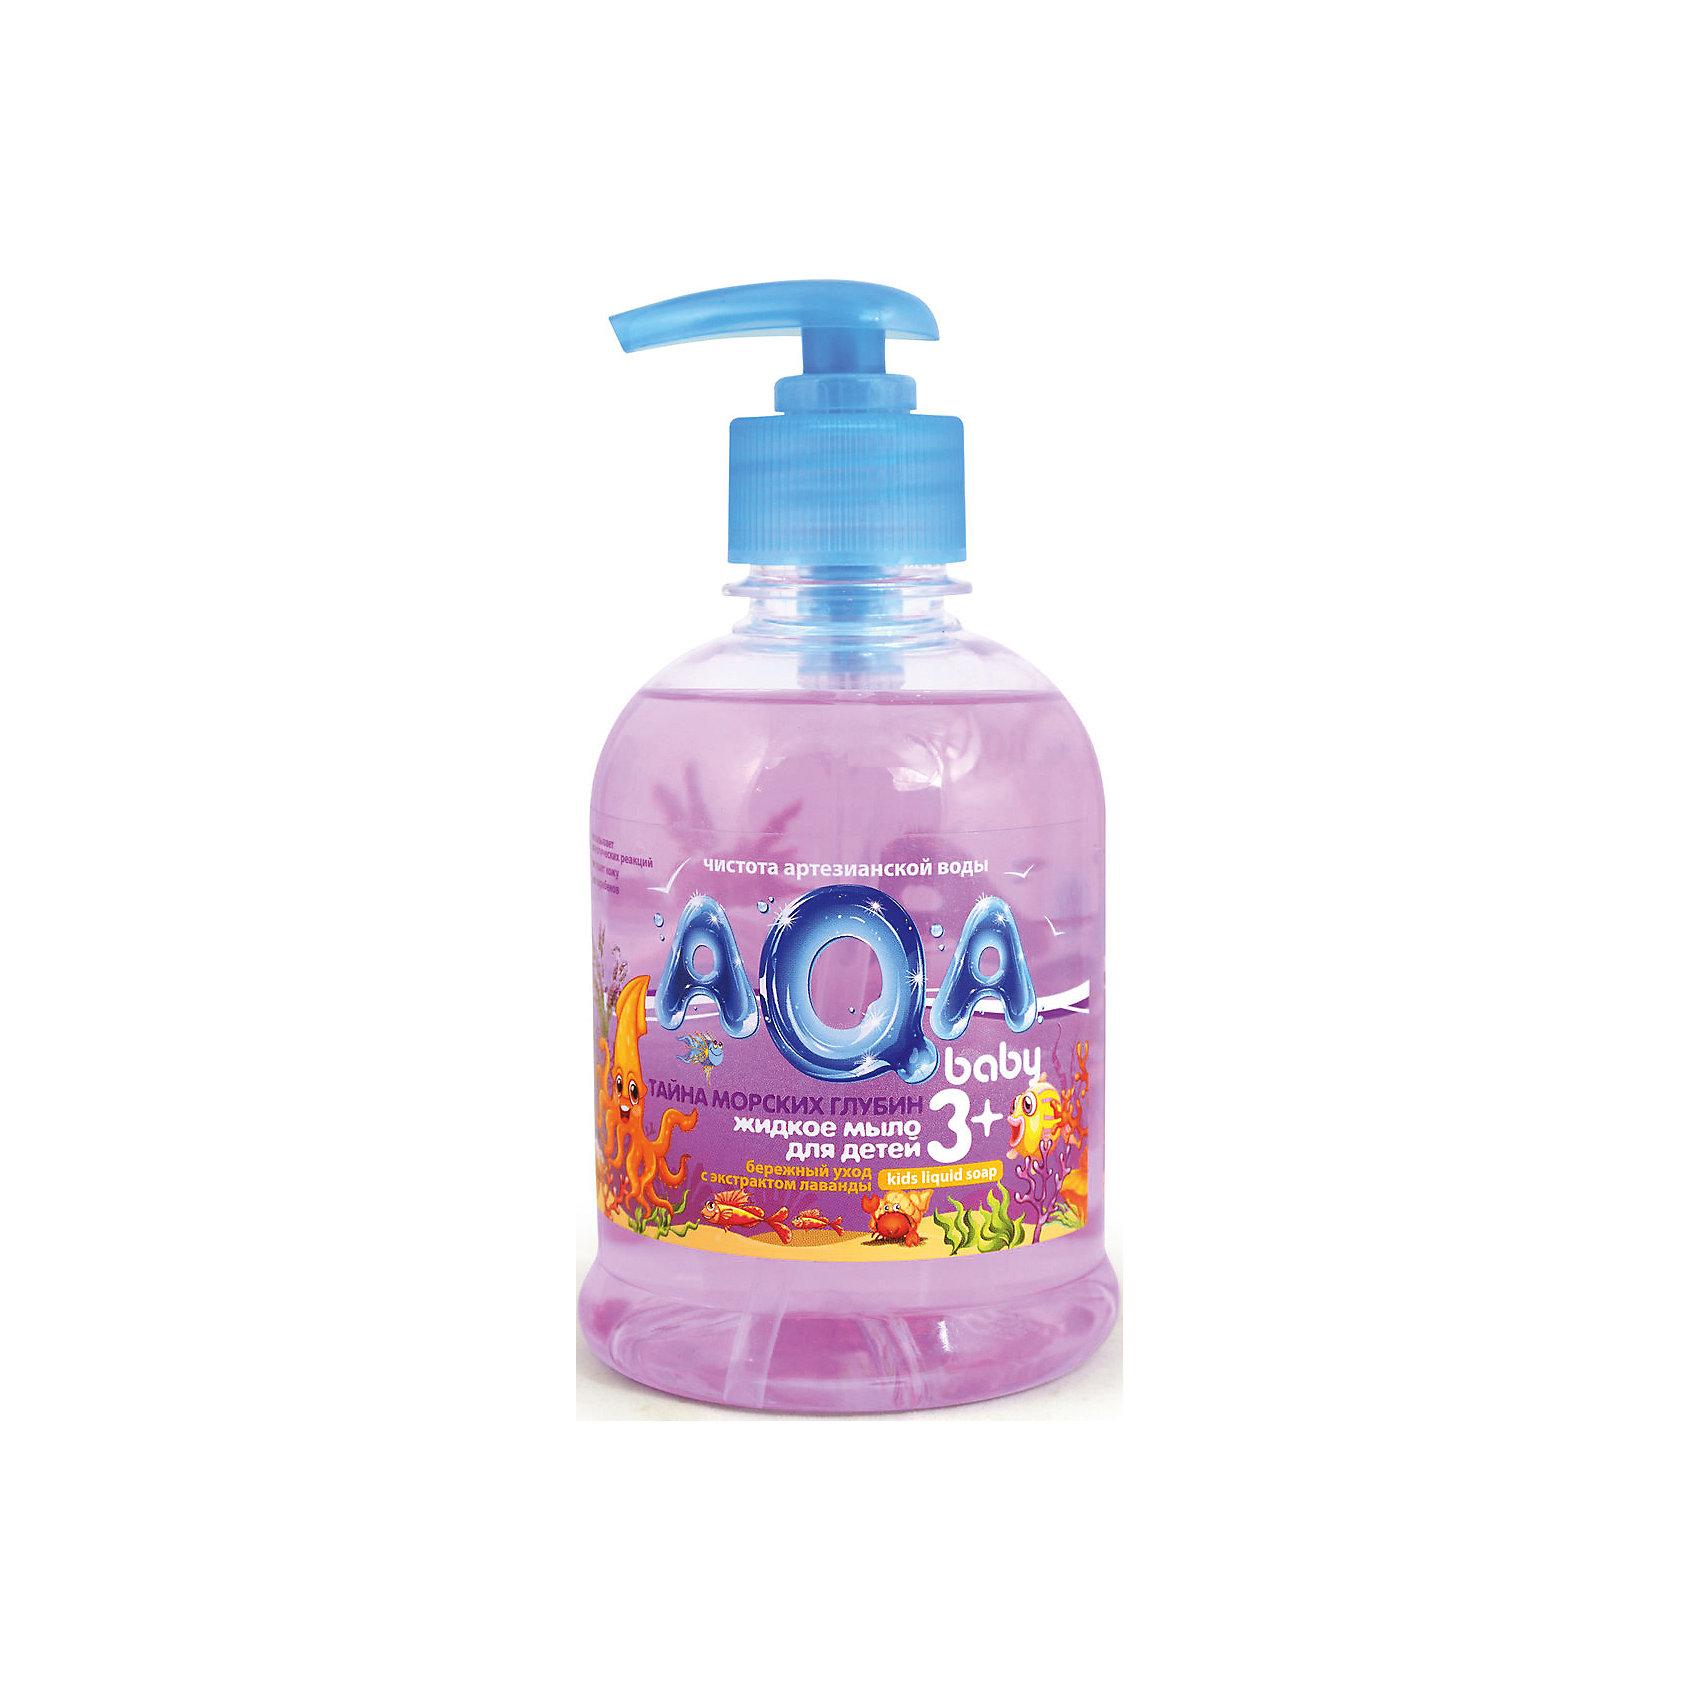 Жидкое мыло Тайна морских глубин, AQA baby